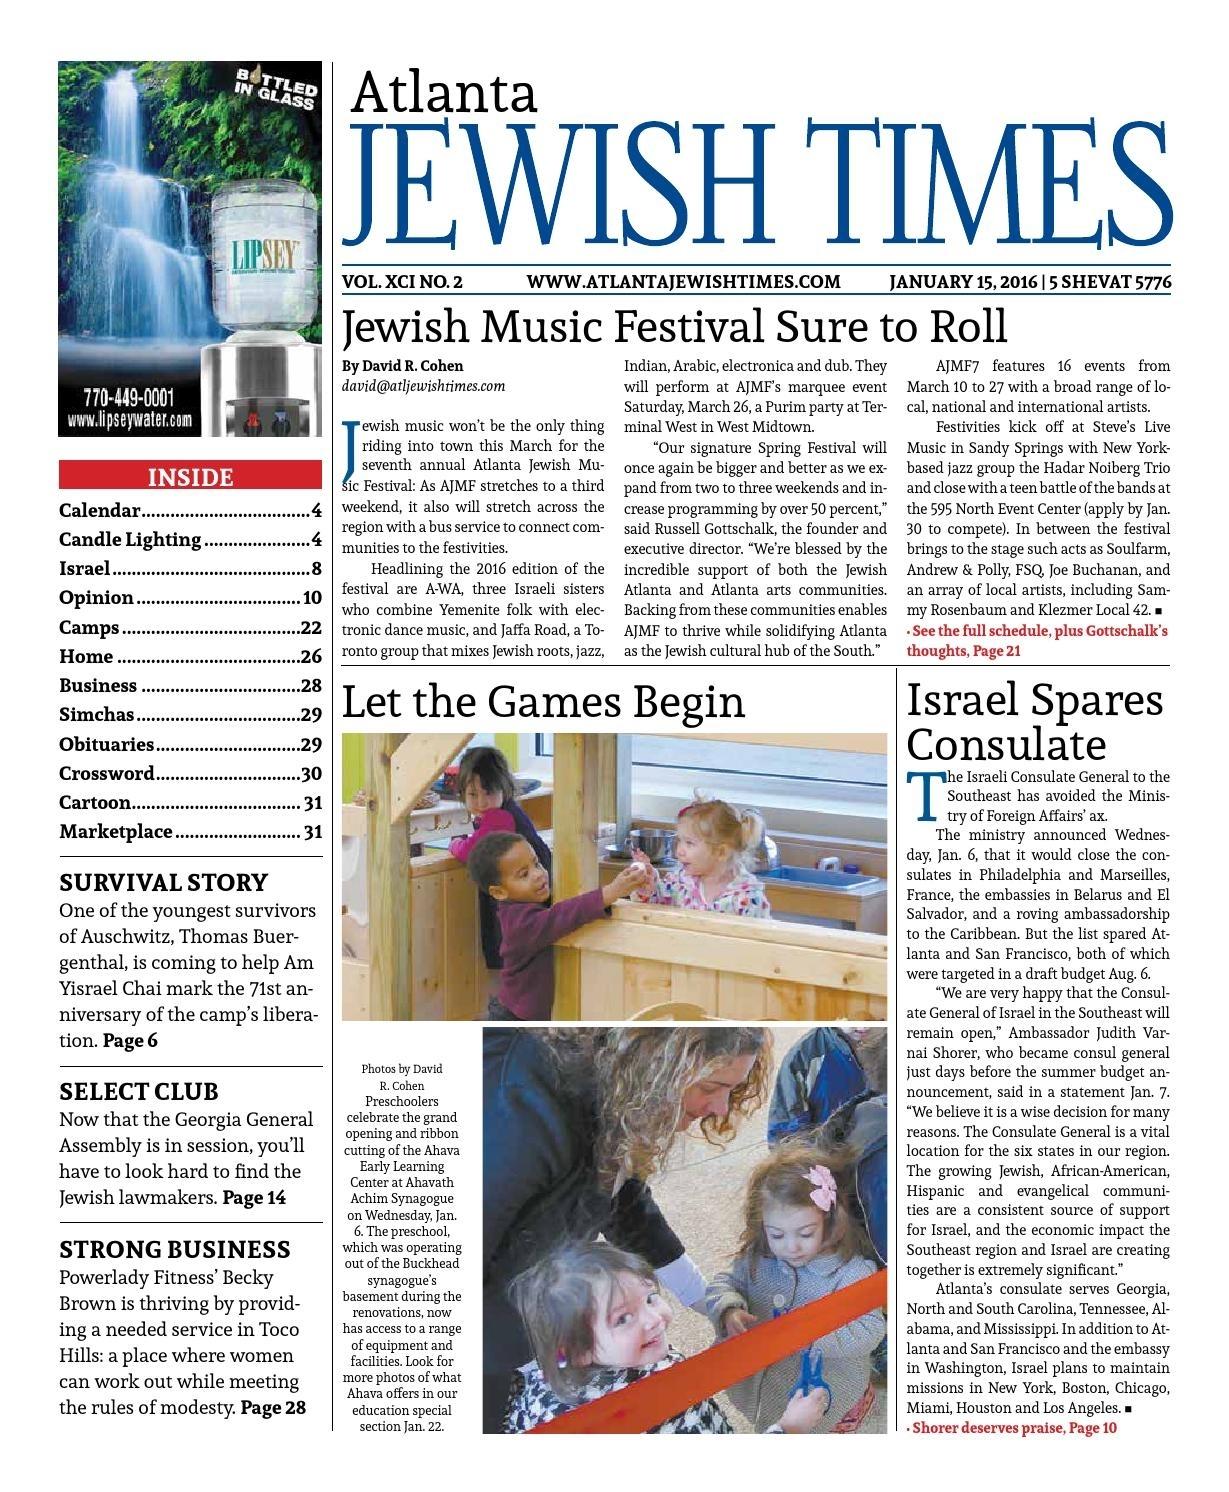 Atlanta Jewish Times, Vol. Xci No. 2, January 15, 2016